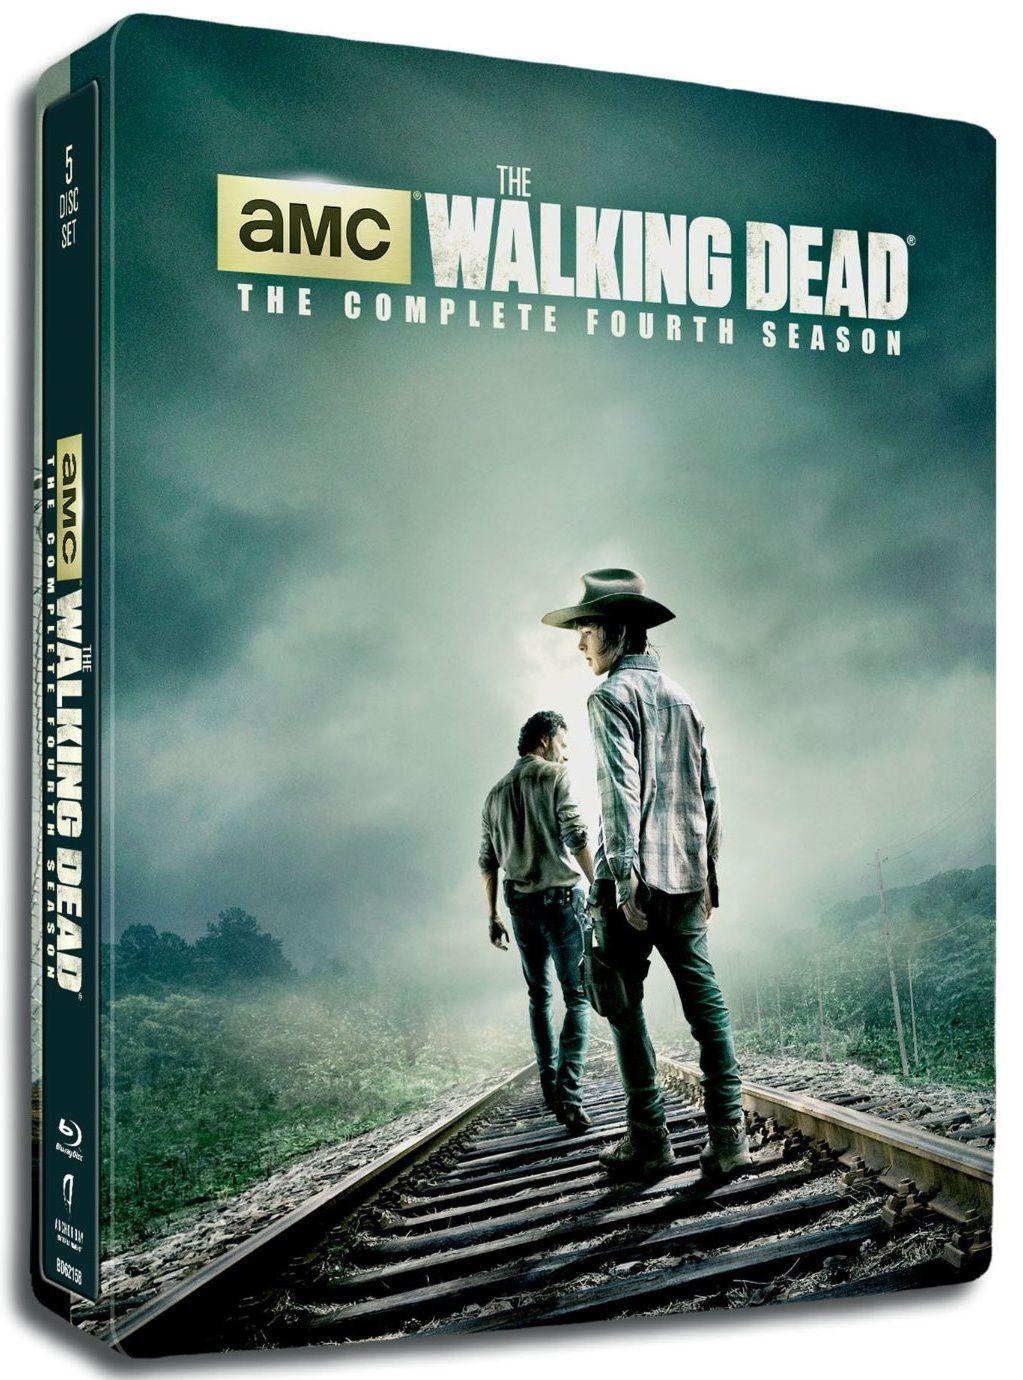 The walking dead saison 4 en coffret blu-ray métal édition limitée